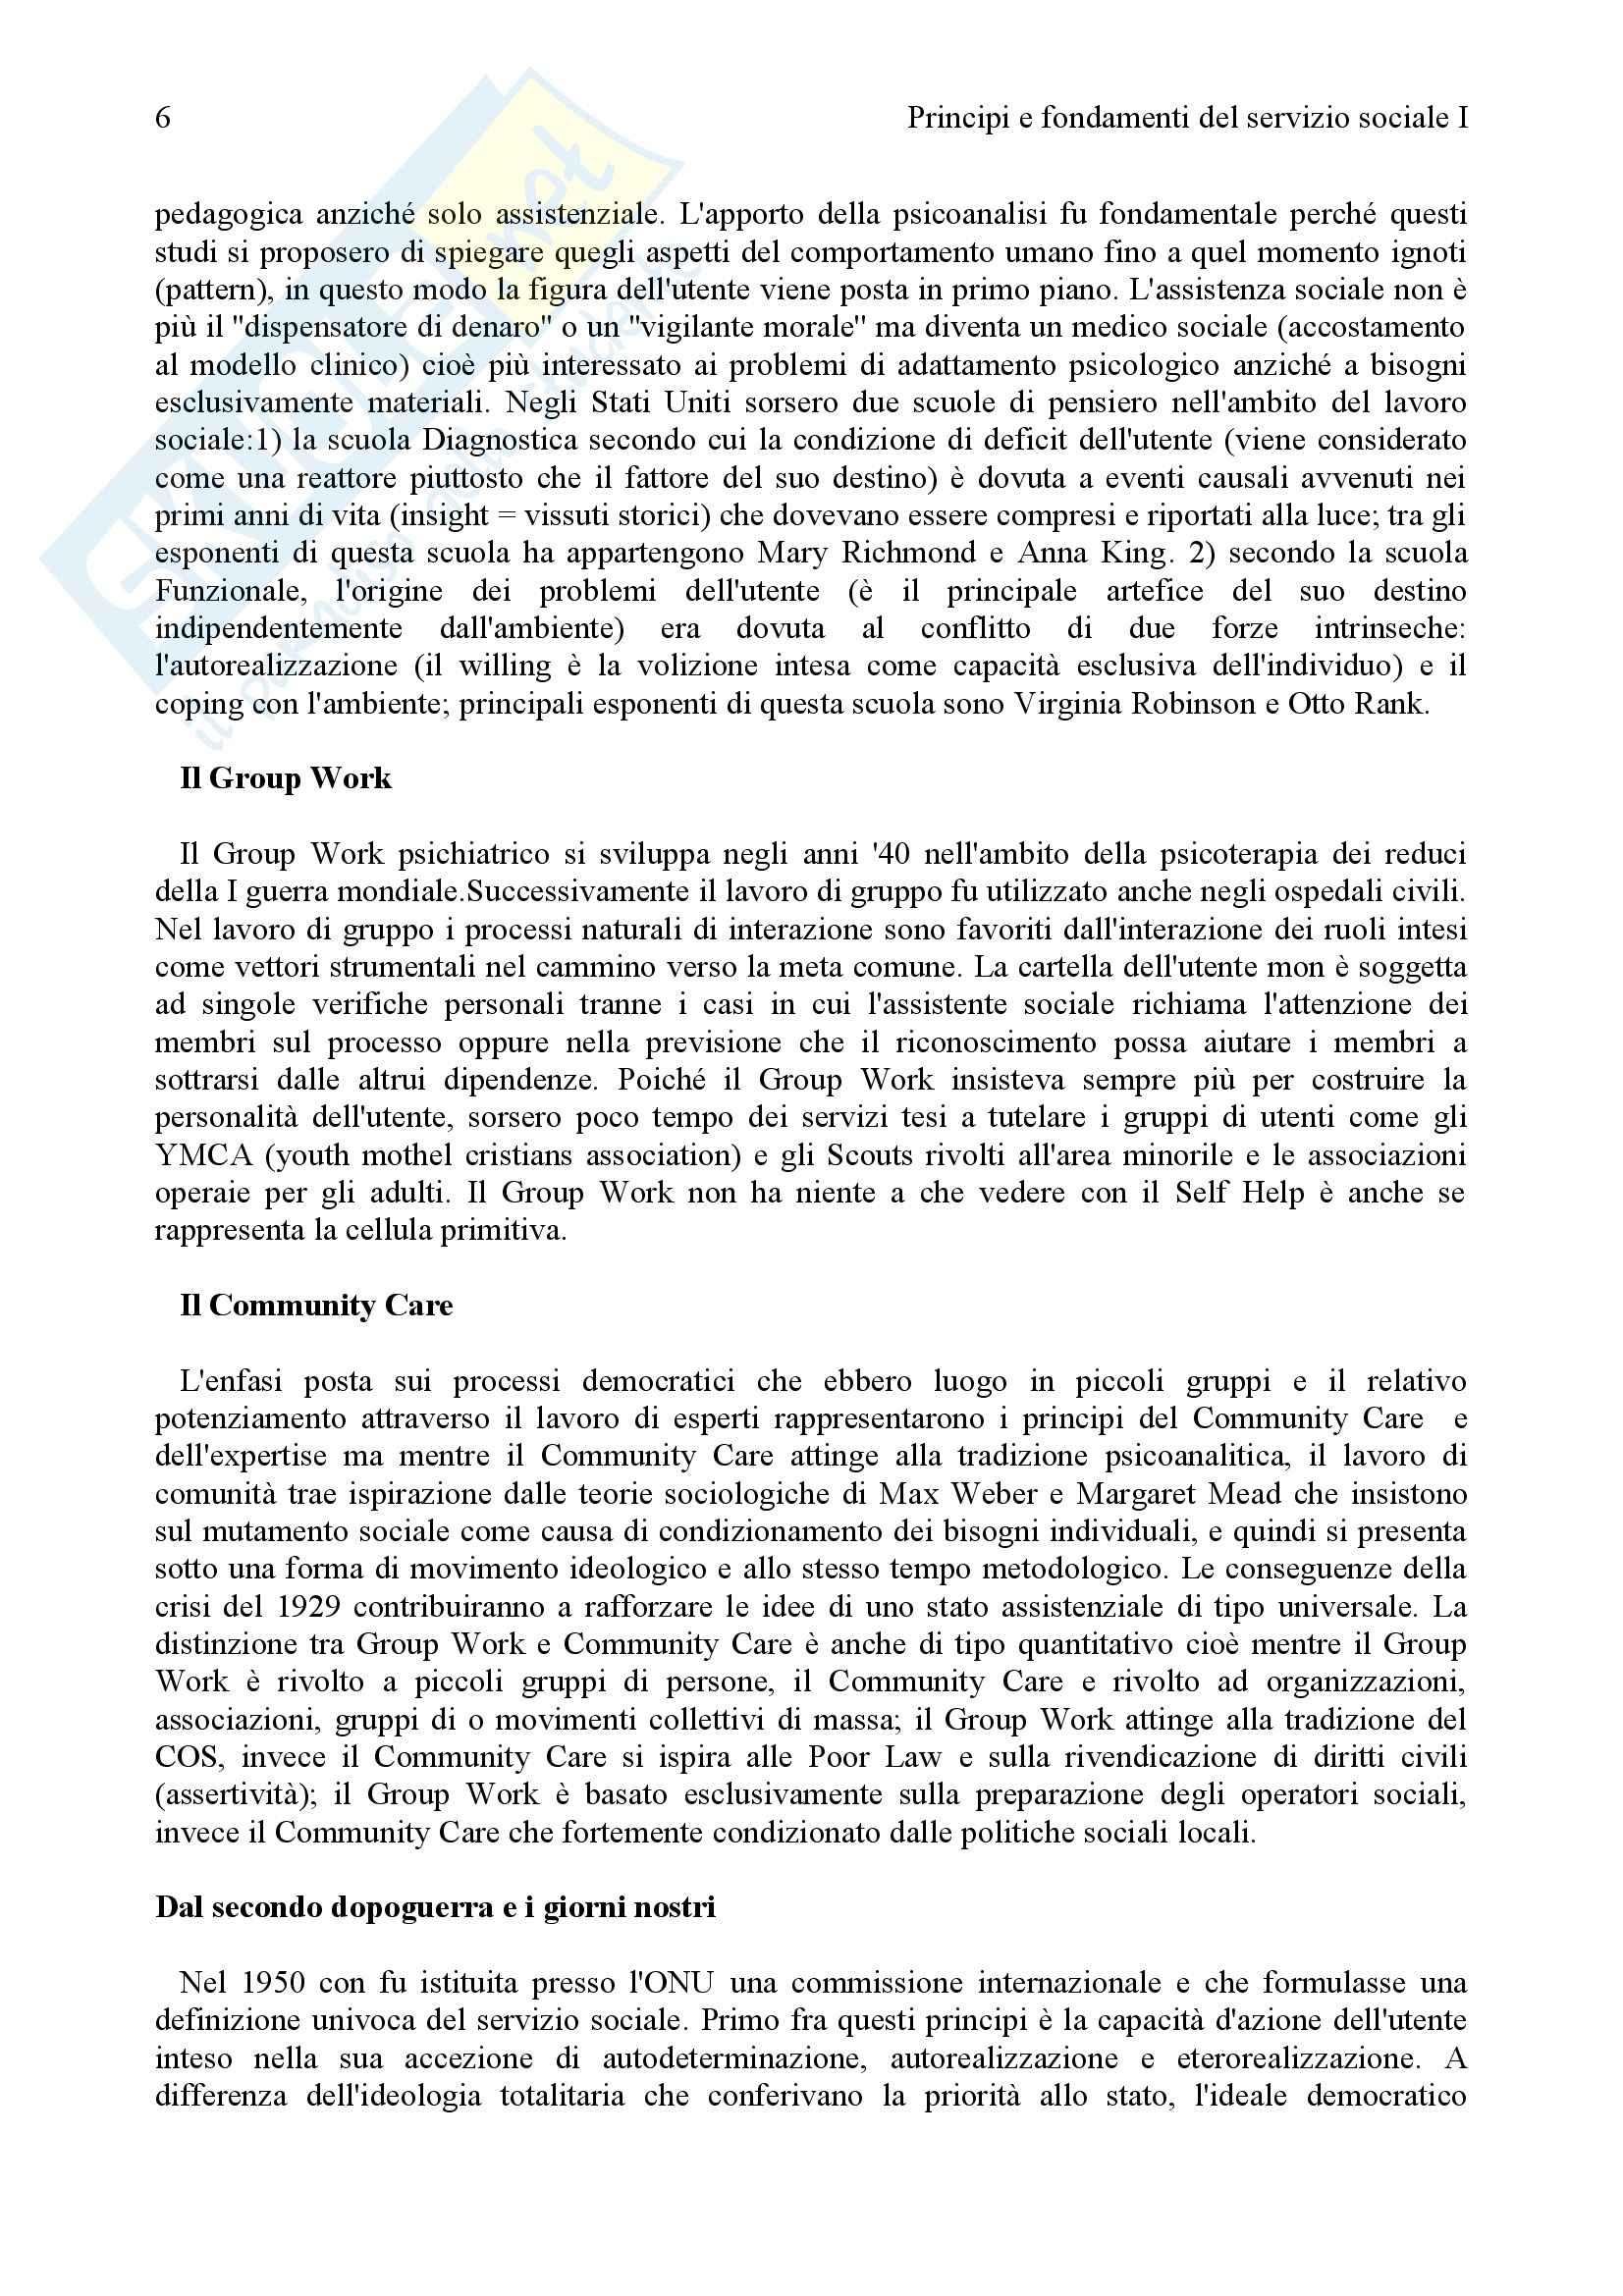 Principi e fondamenti del servizio sociale - Appunti Pag. 6